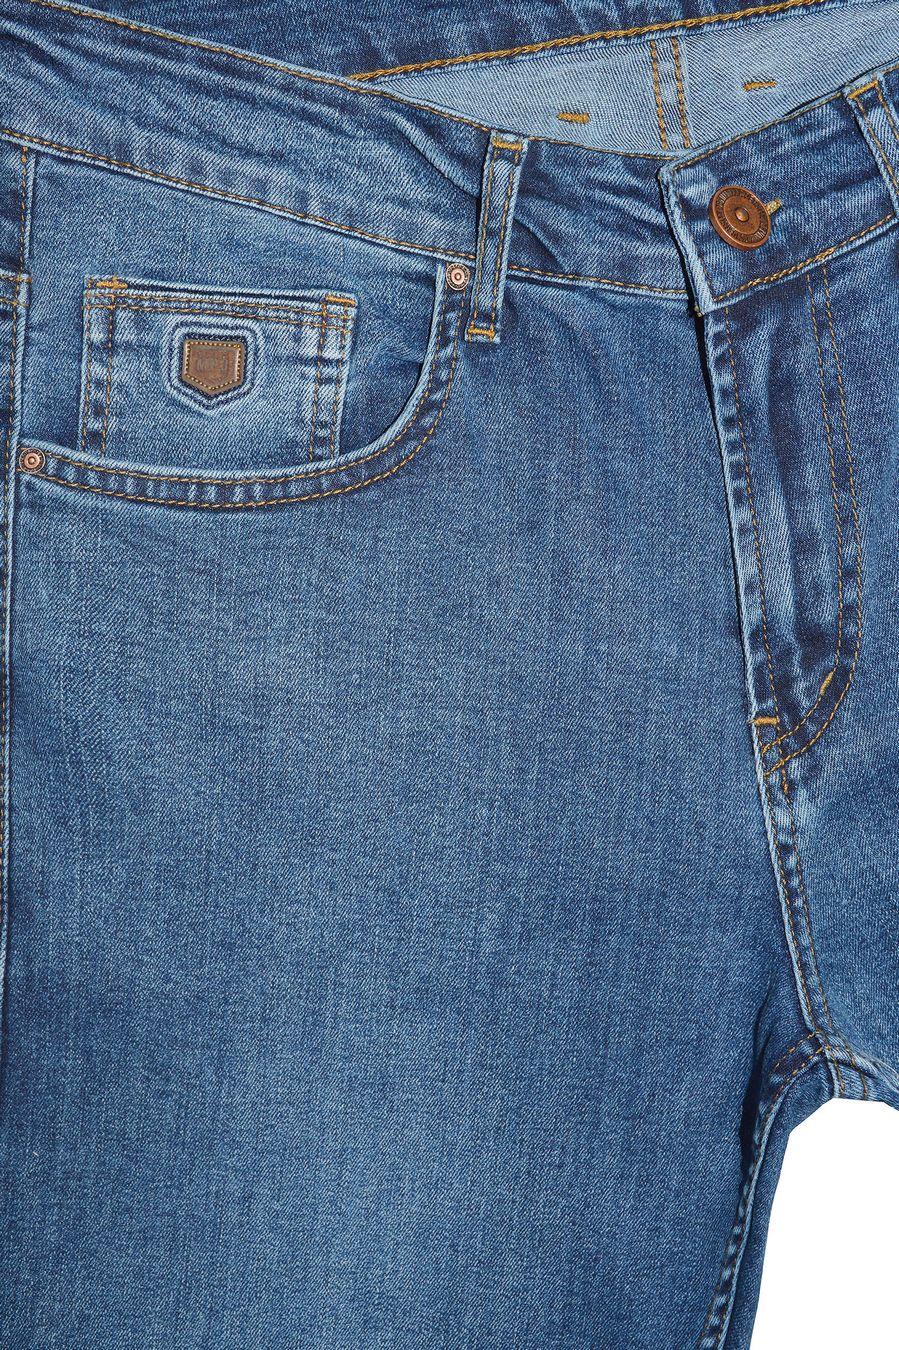 Джинсы мужские MAC Person 2966-12438 Blue Blue L32 - фото 3